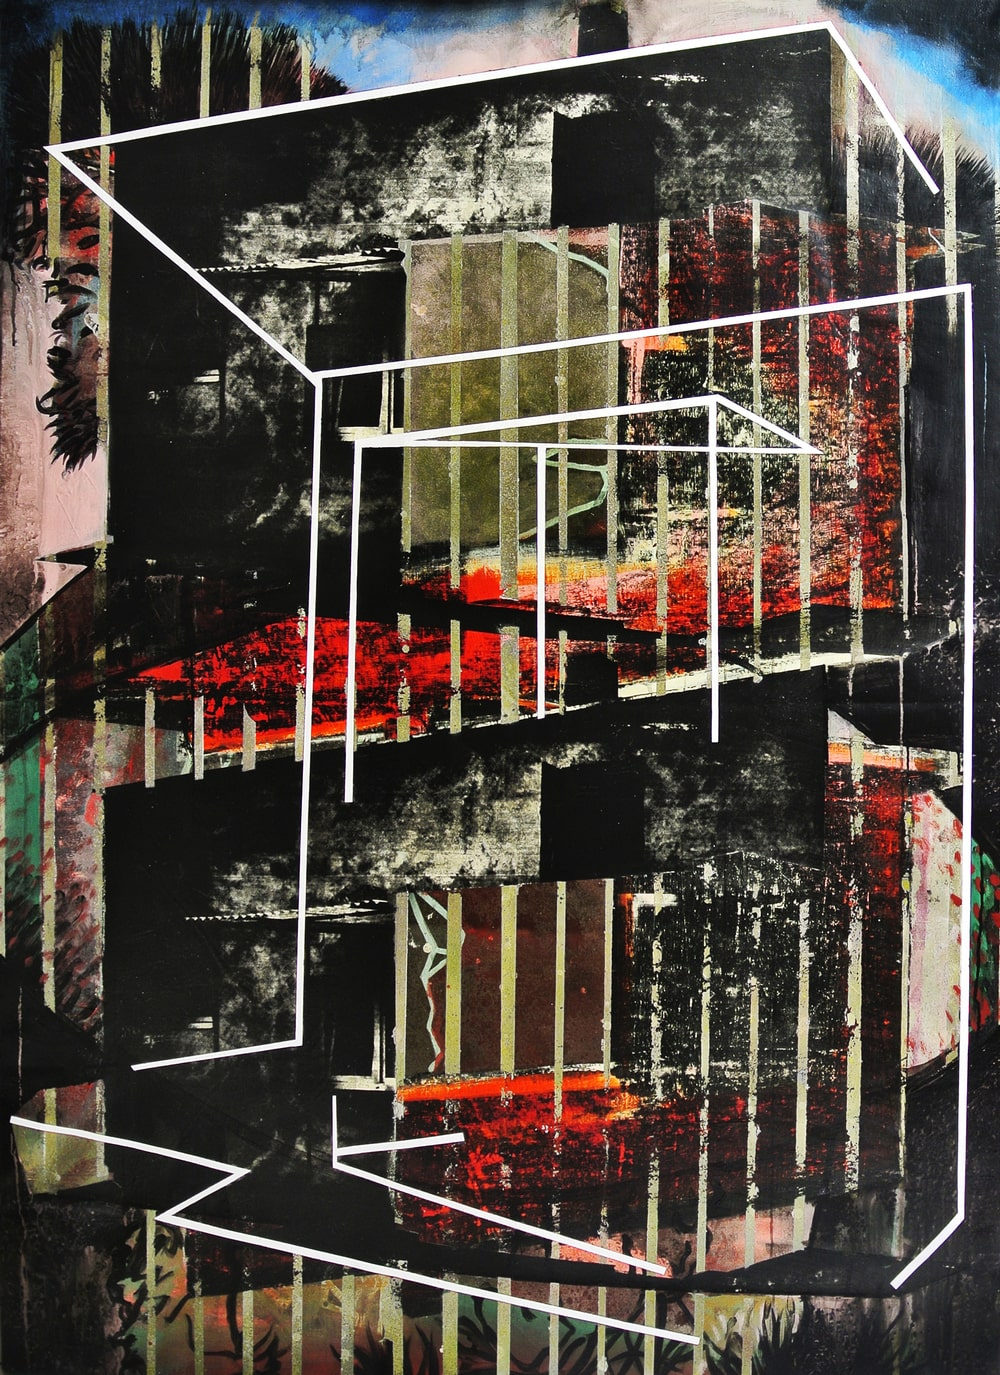 reprodukcja obrazu: kompozycja wielobarwna, abstrakcja.  Z wystawy Paweł Łyjak Wciąga mnie Nic, Galeria XX1